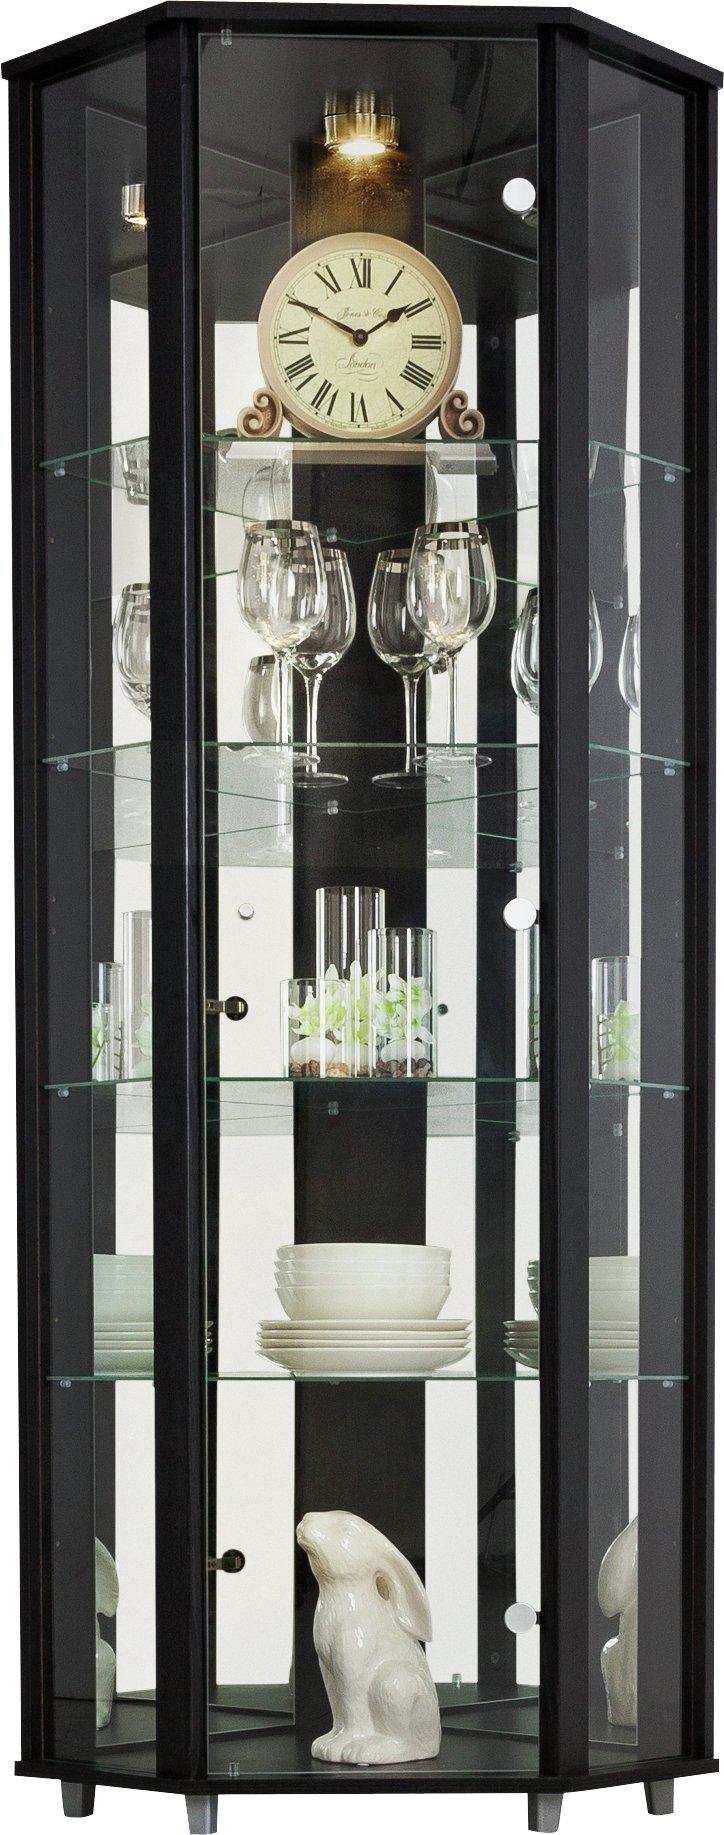 Argos Home 1 Glass Door Corner Display Cabinet - Black